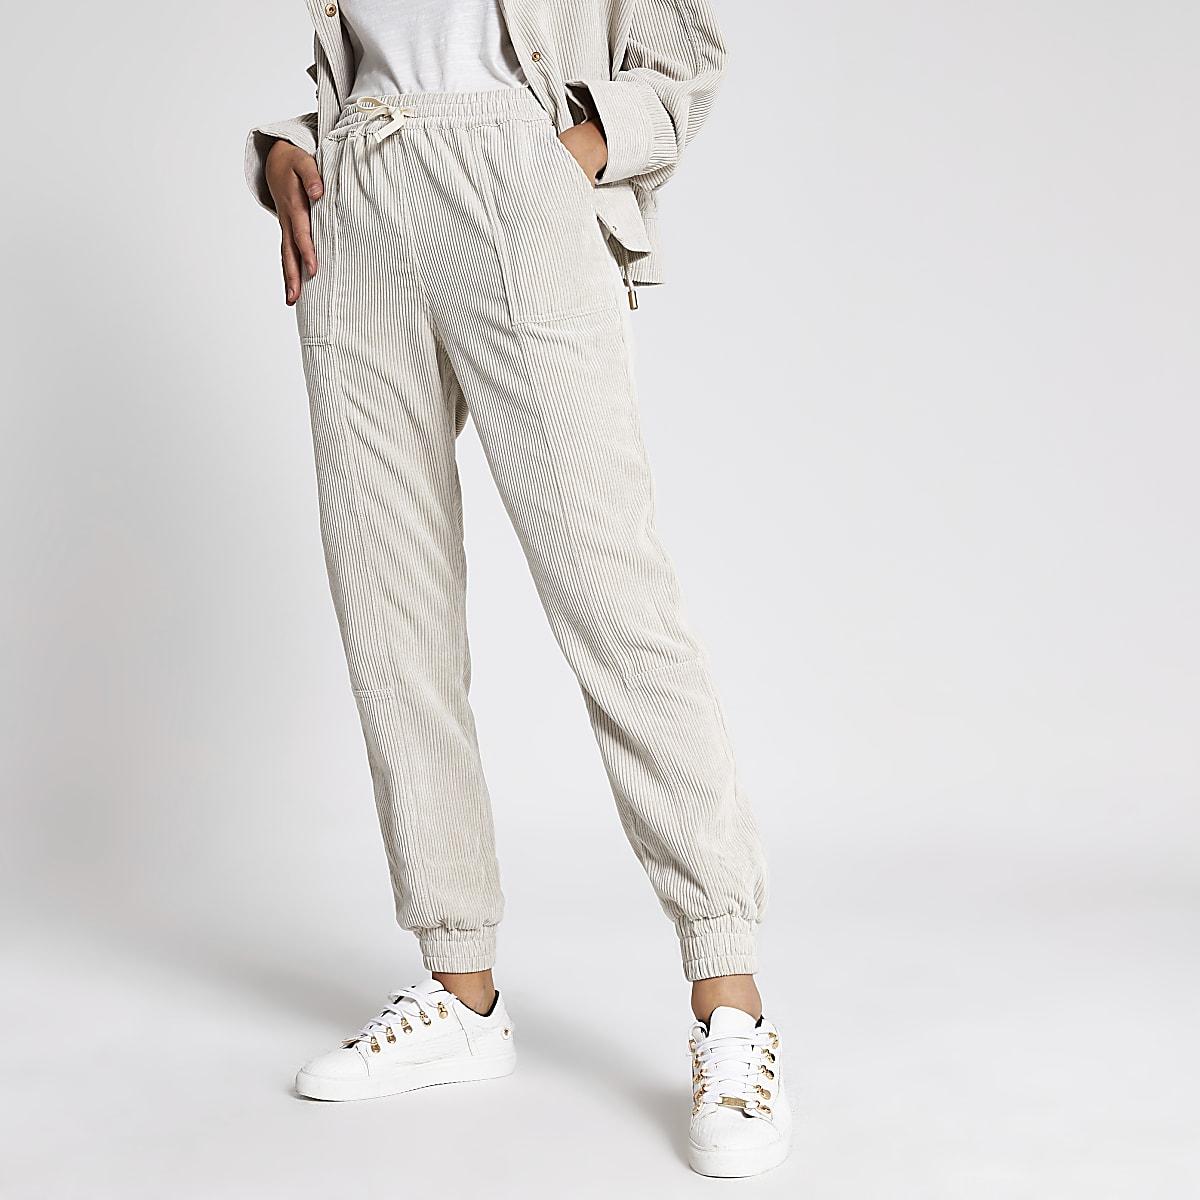 Crème corduroy joggingbroek